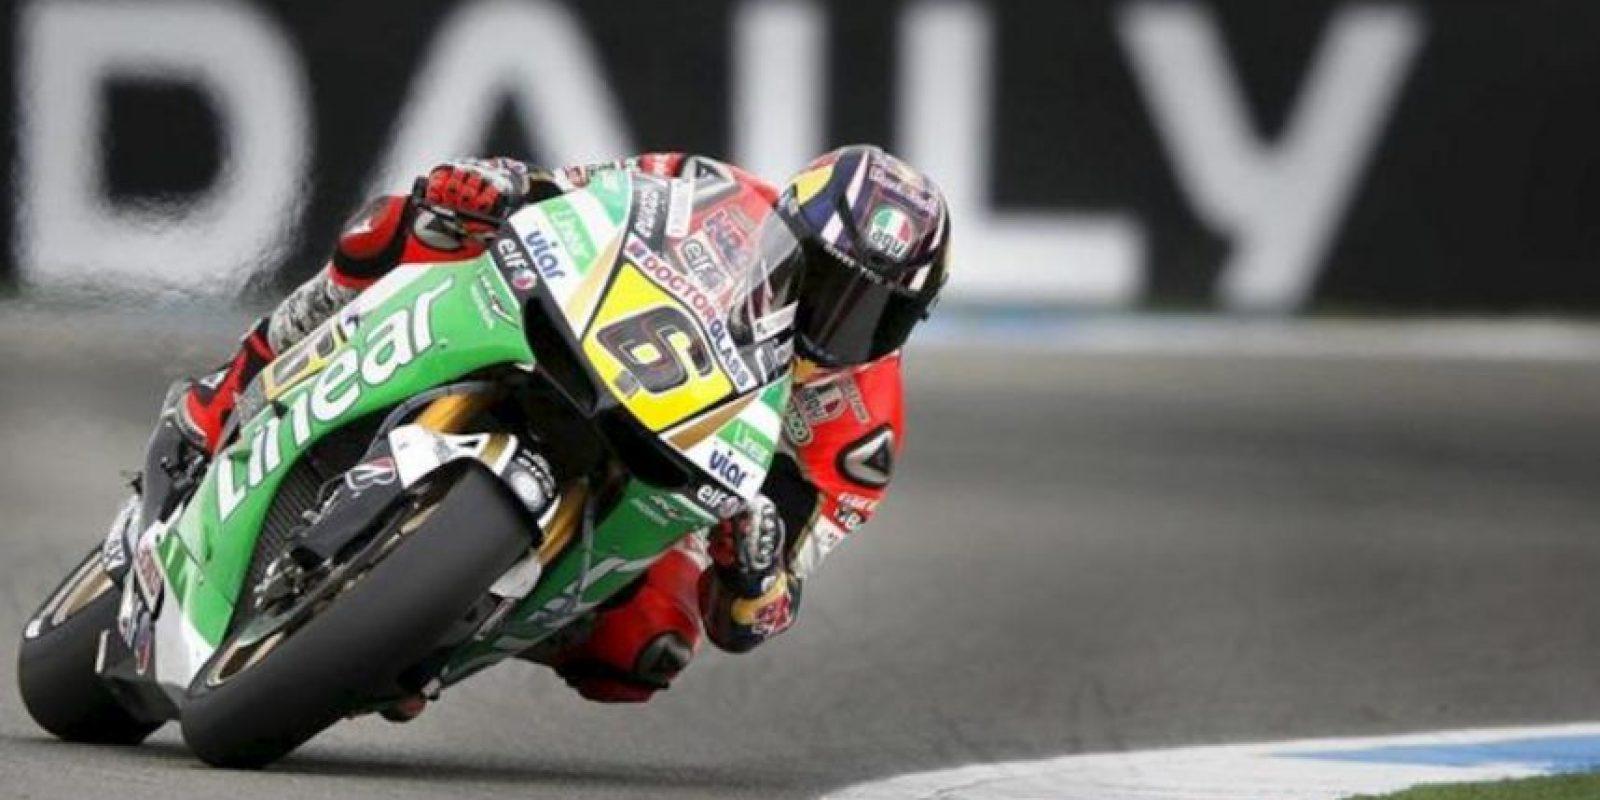 El piloto alemán de MotoGP Stefan Bradl (Honda RC 213 V) compite durante la sesión de entrenamientos clasificatorios realizada en el circuito de Assen. EFE